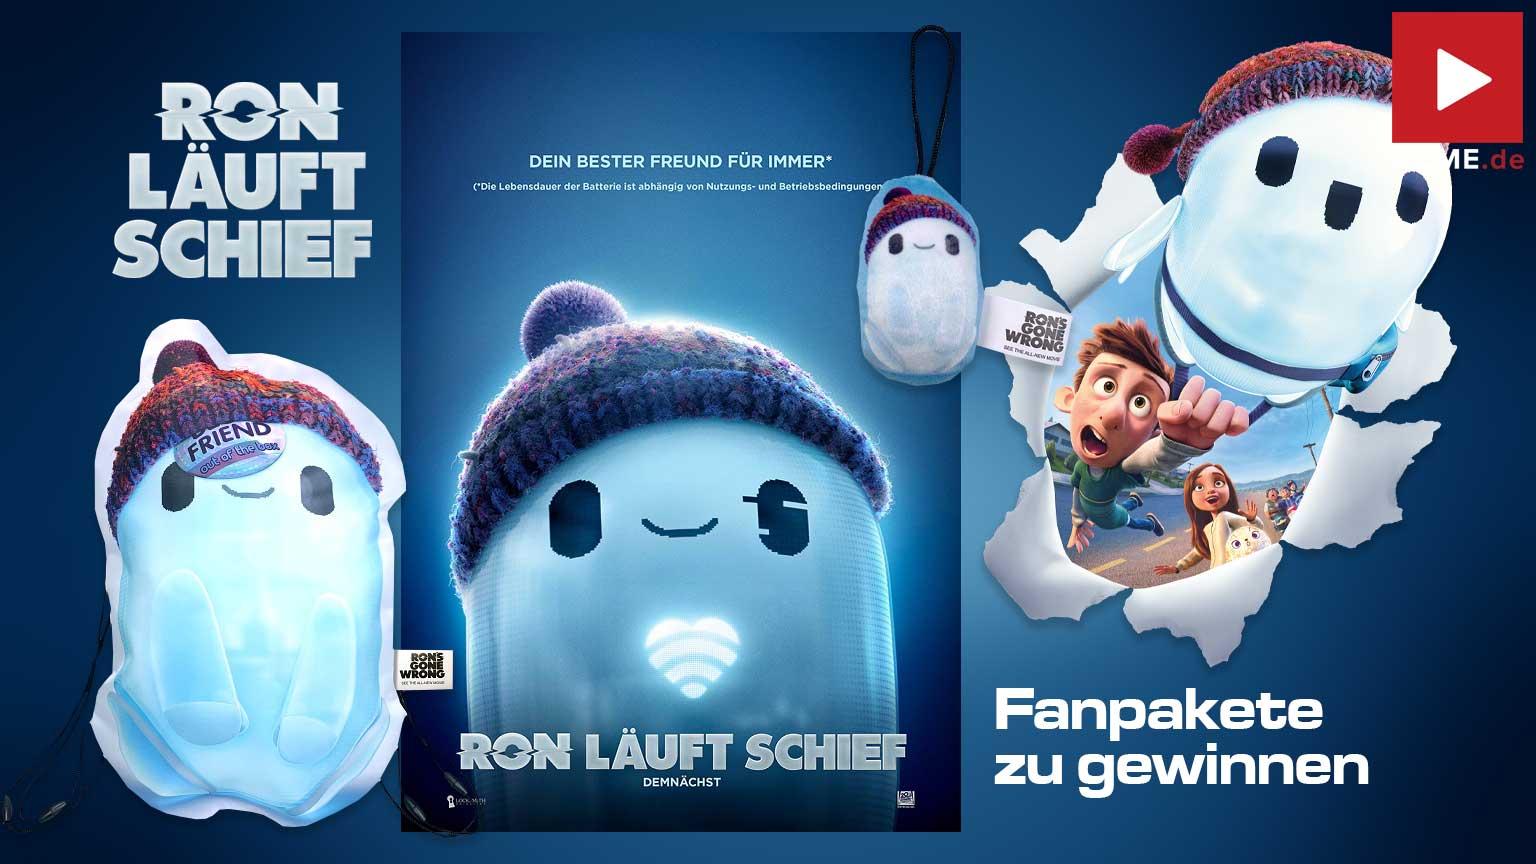 RON LÄUFT SCHIEF Film 2021 Gewinnspiel gewinnen Turnbeutel Poster Screen Cleaner Fanpaket Artikelbild